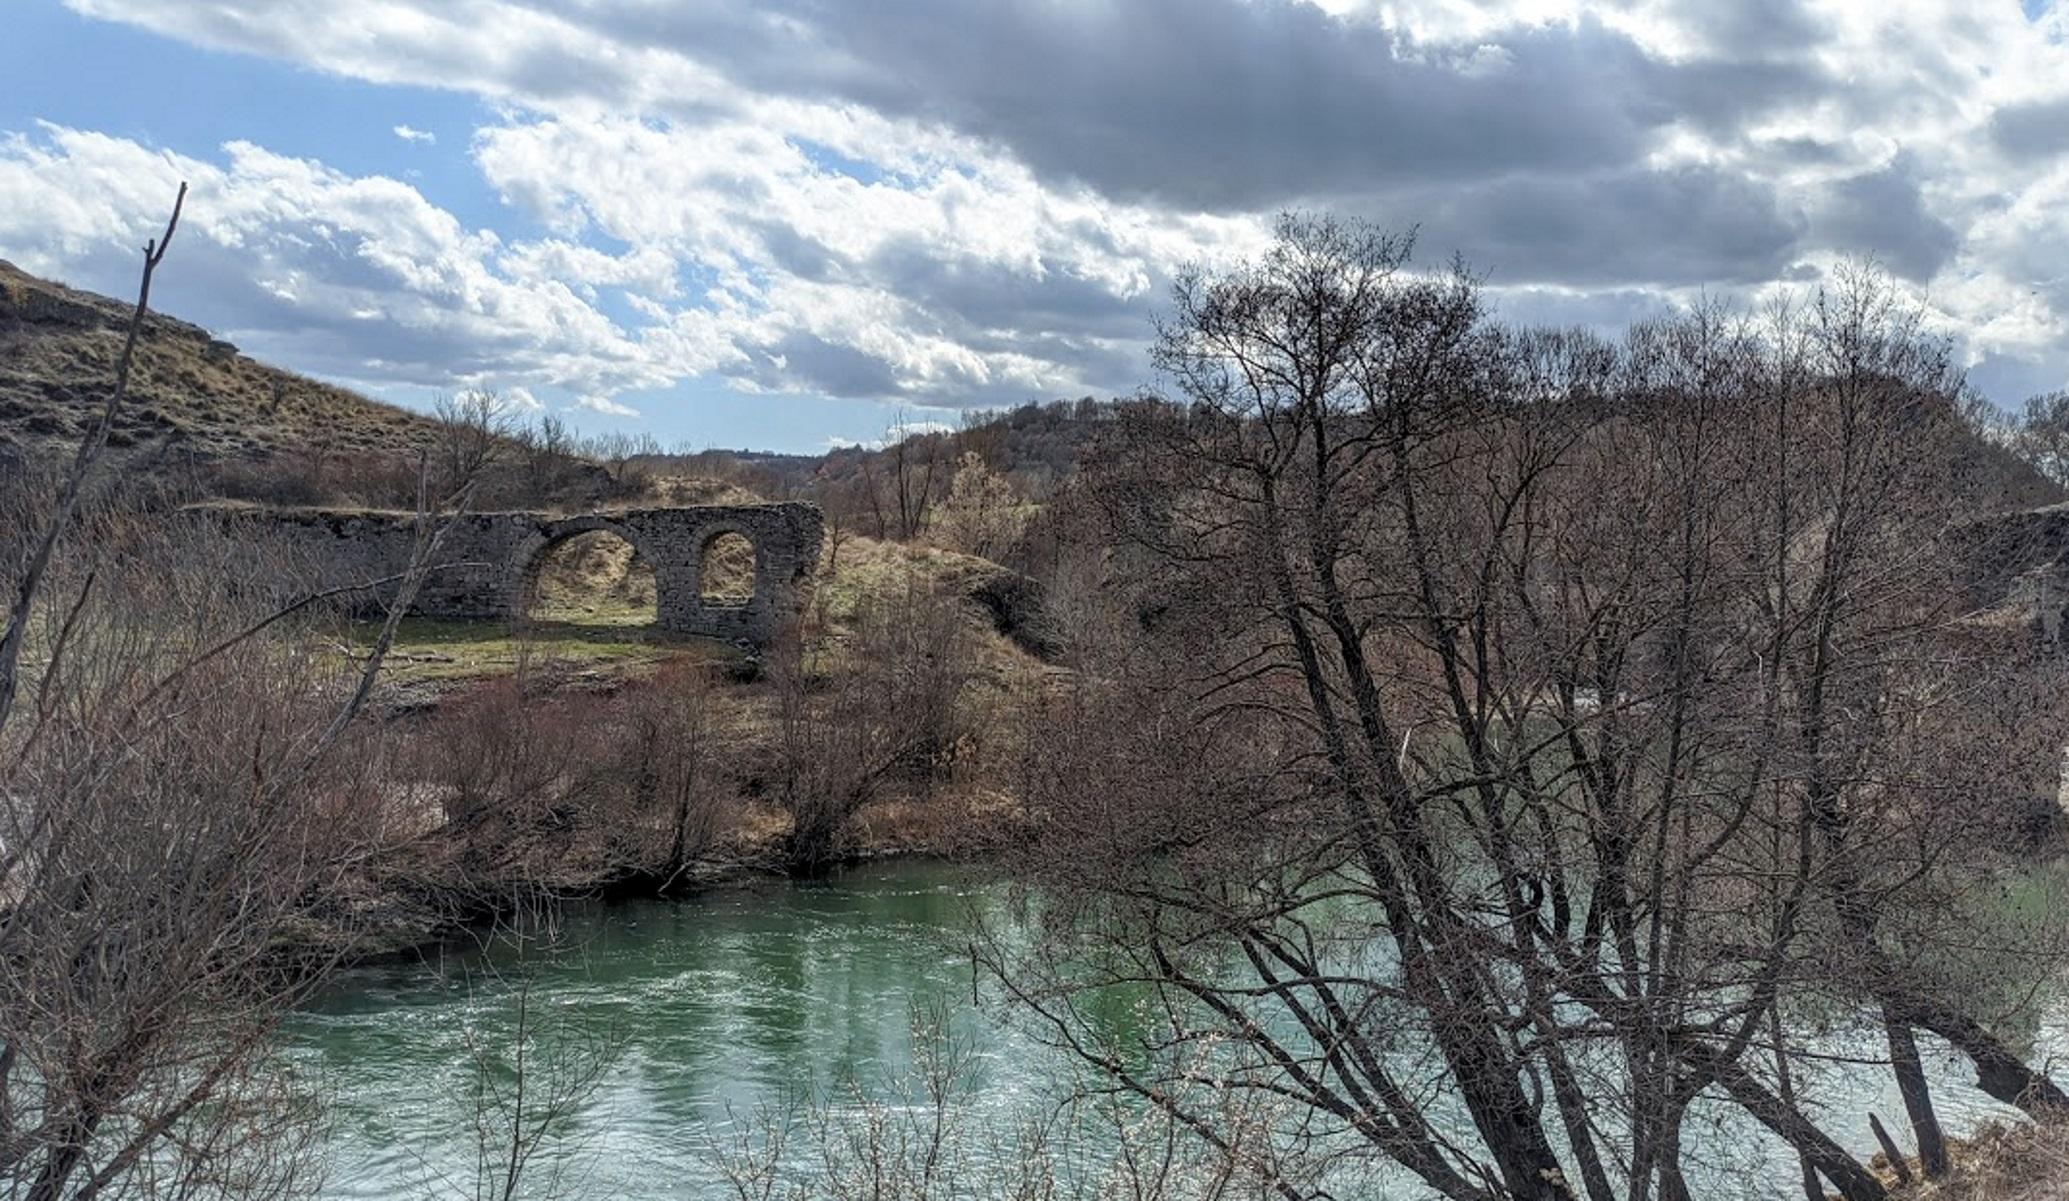 Κοζάνη: Αναστηλώνεται το ιστορικό «Γεφύρι του Πασά» – Ανατινάχθηκε στη γερμανική κατοχή